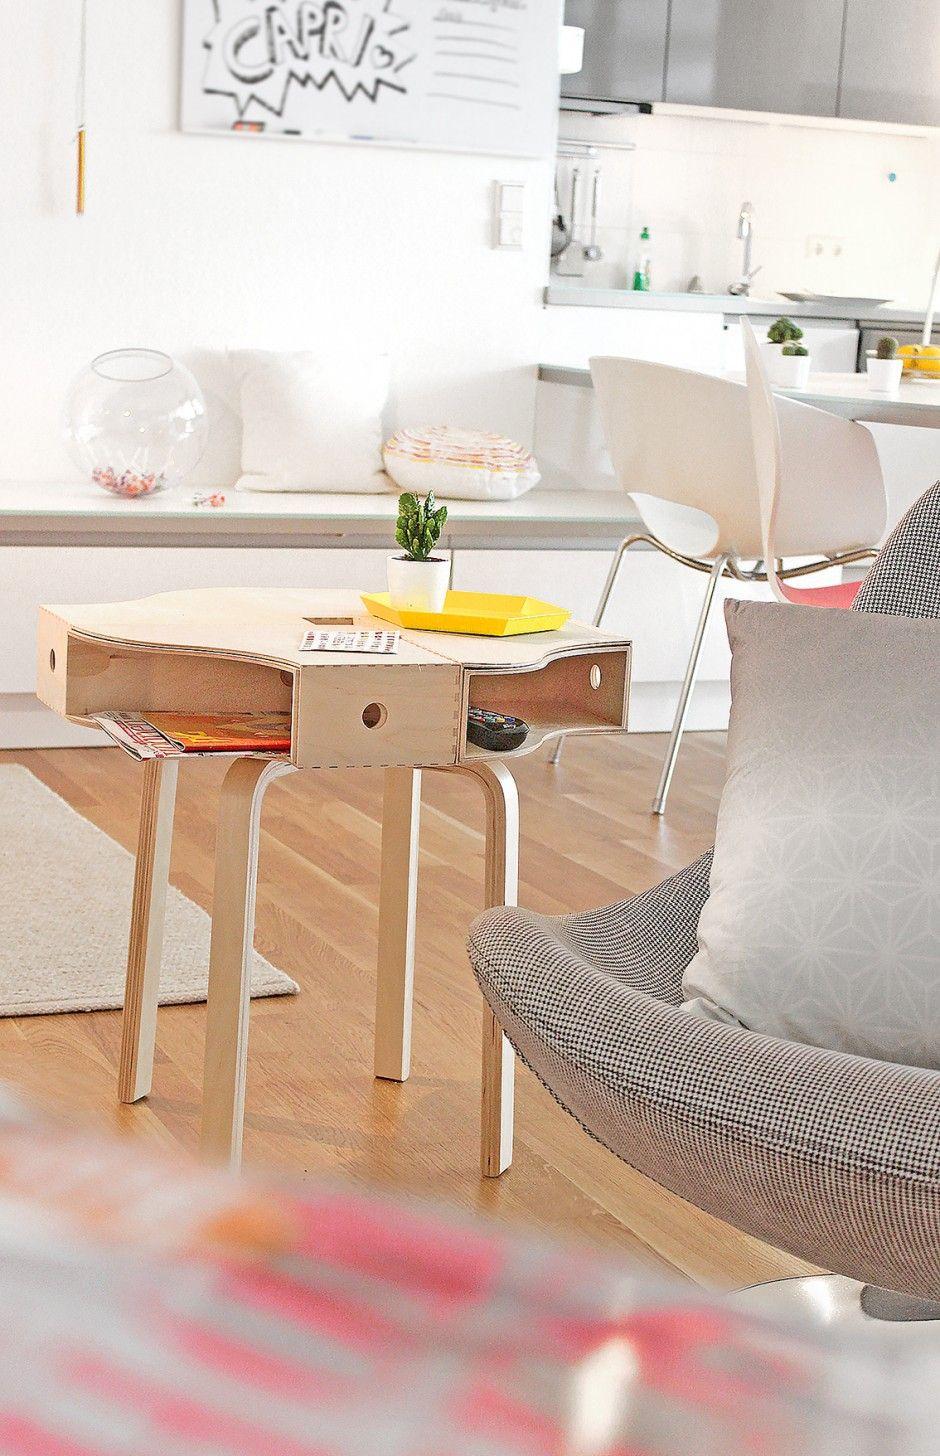 selbermachen ikeahackers co pomys y dla domu inie tylko pinterest ikea ideen und wohnen. Black Bedroom Furniture Sets. Home Design Ideas